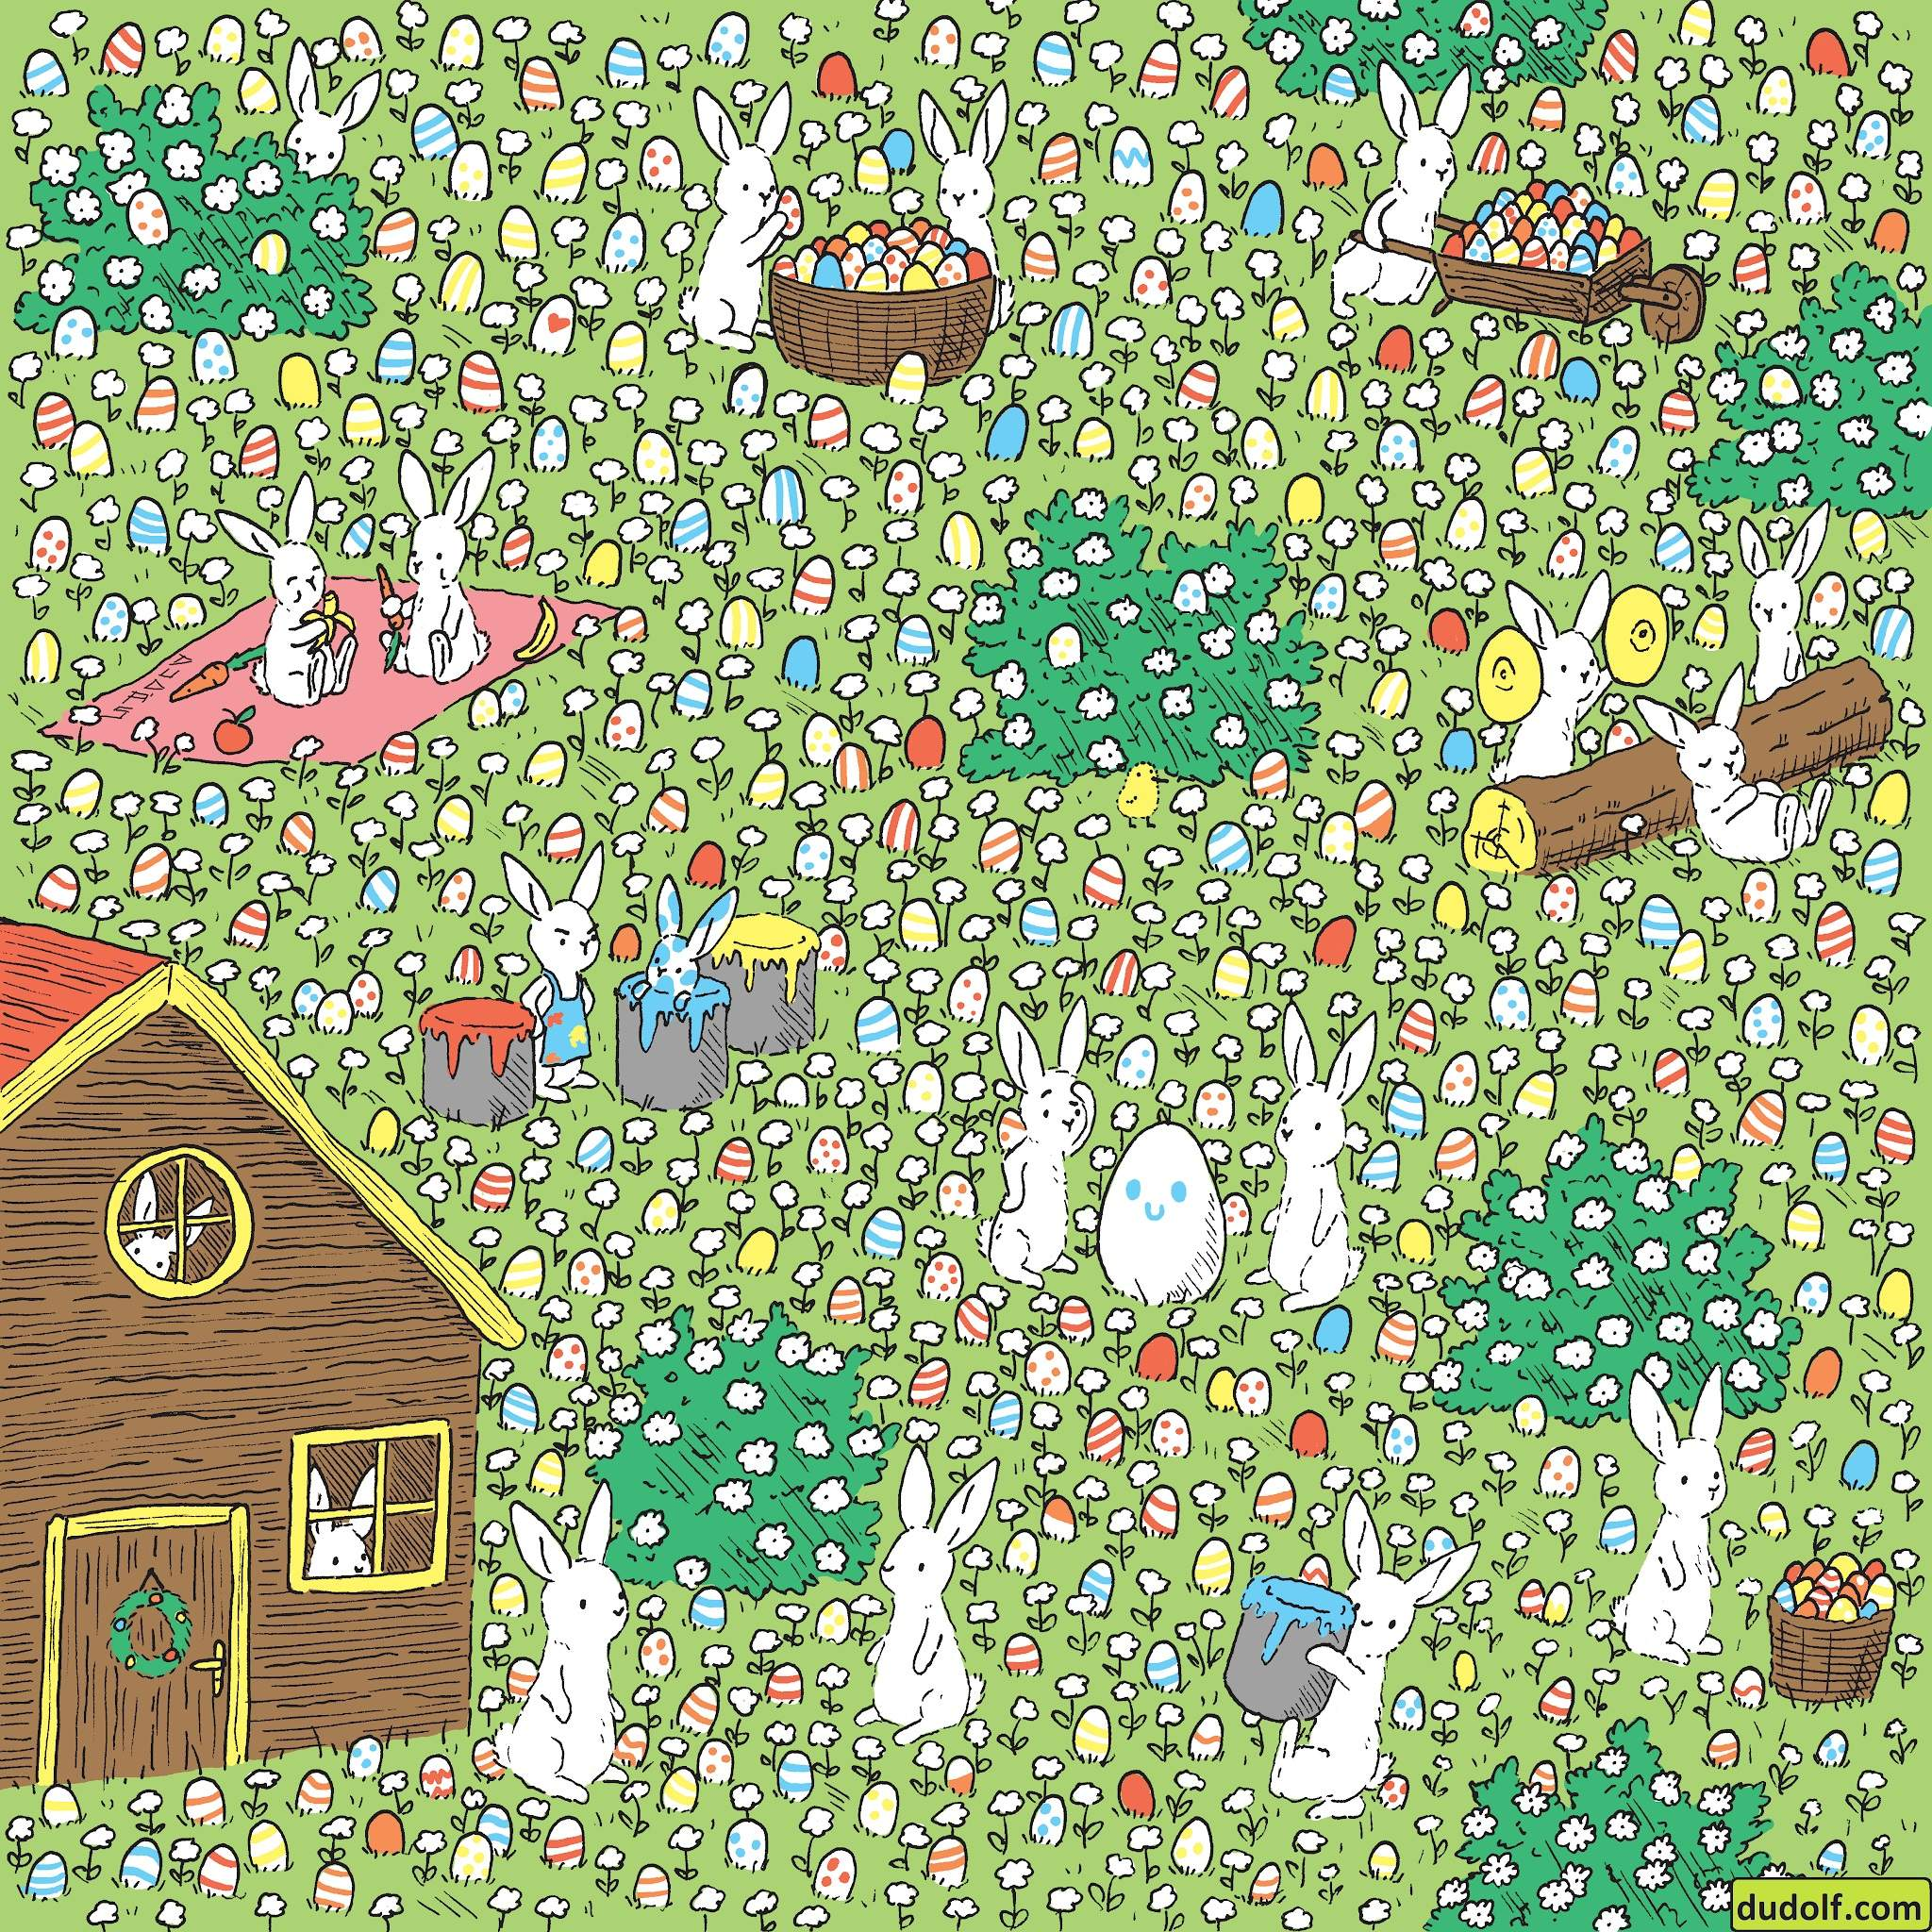 Головоломка тижня: готуємось до Великодня – допоможіть зайцям знайти не розфарбоване яйце